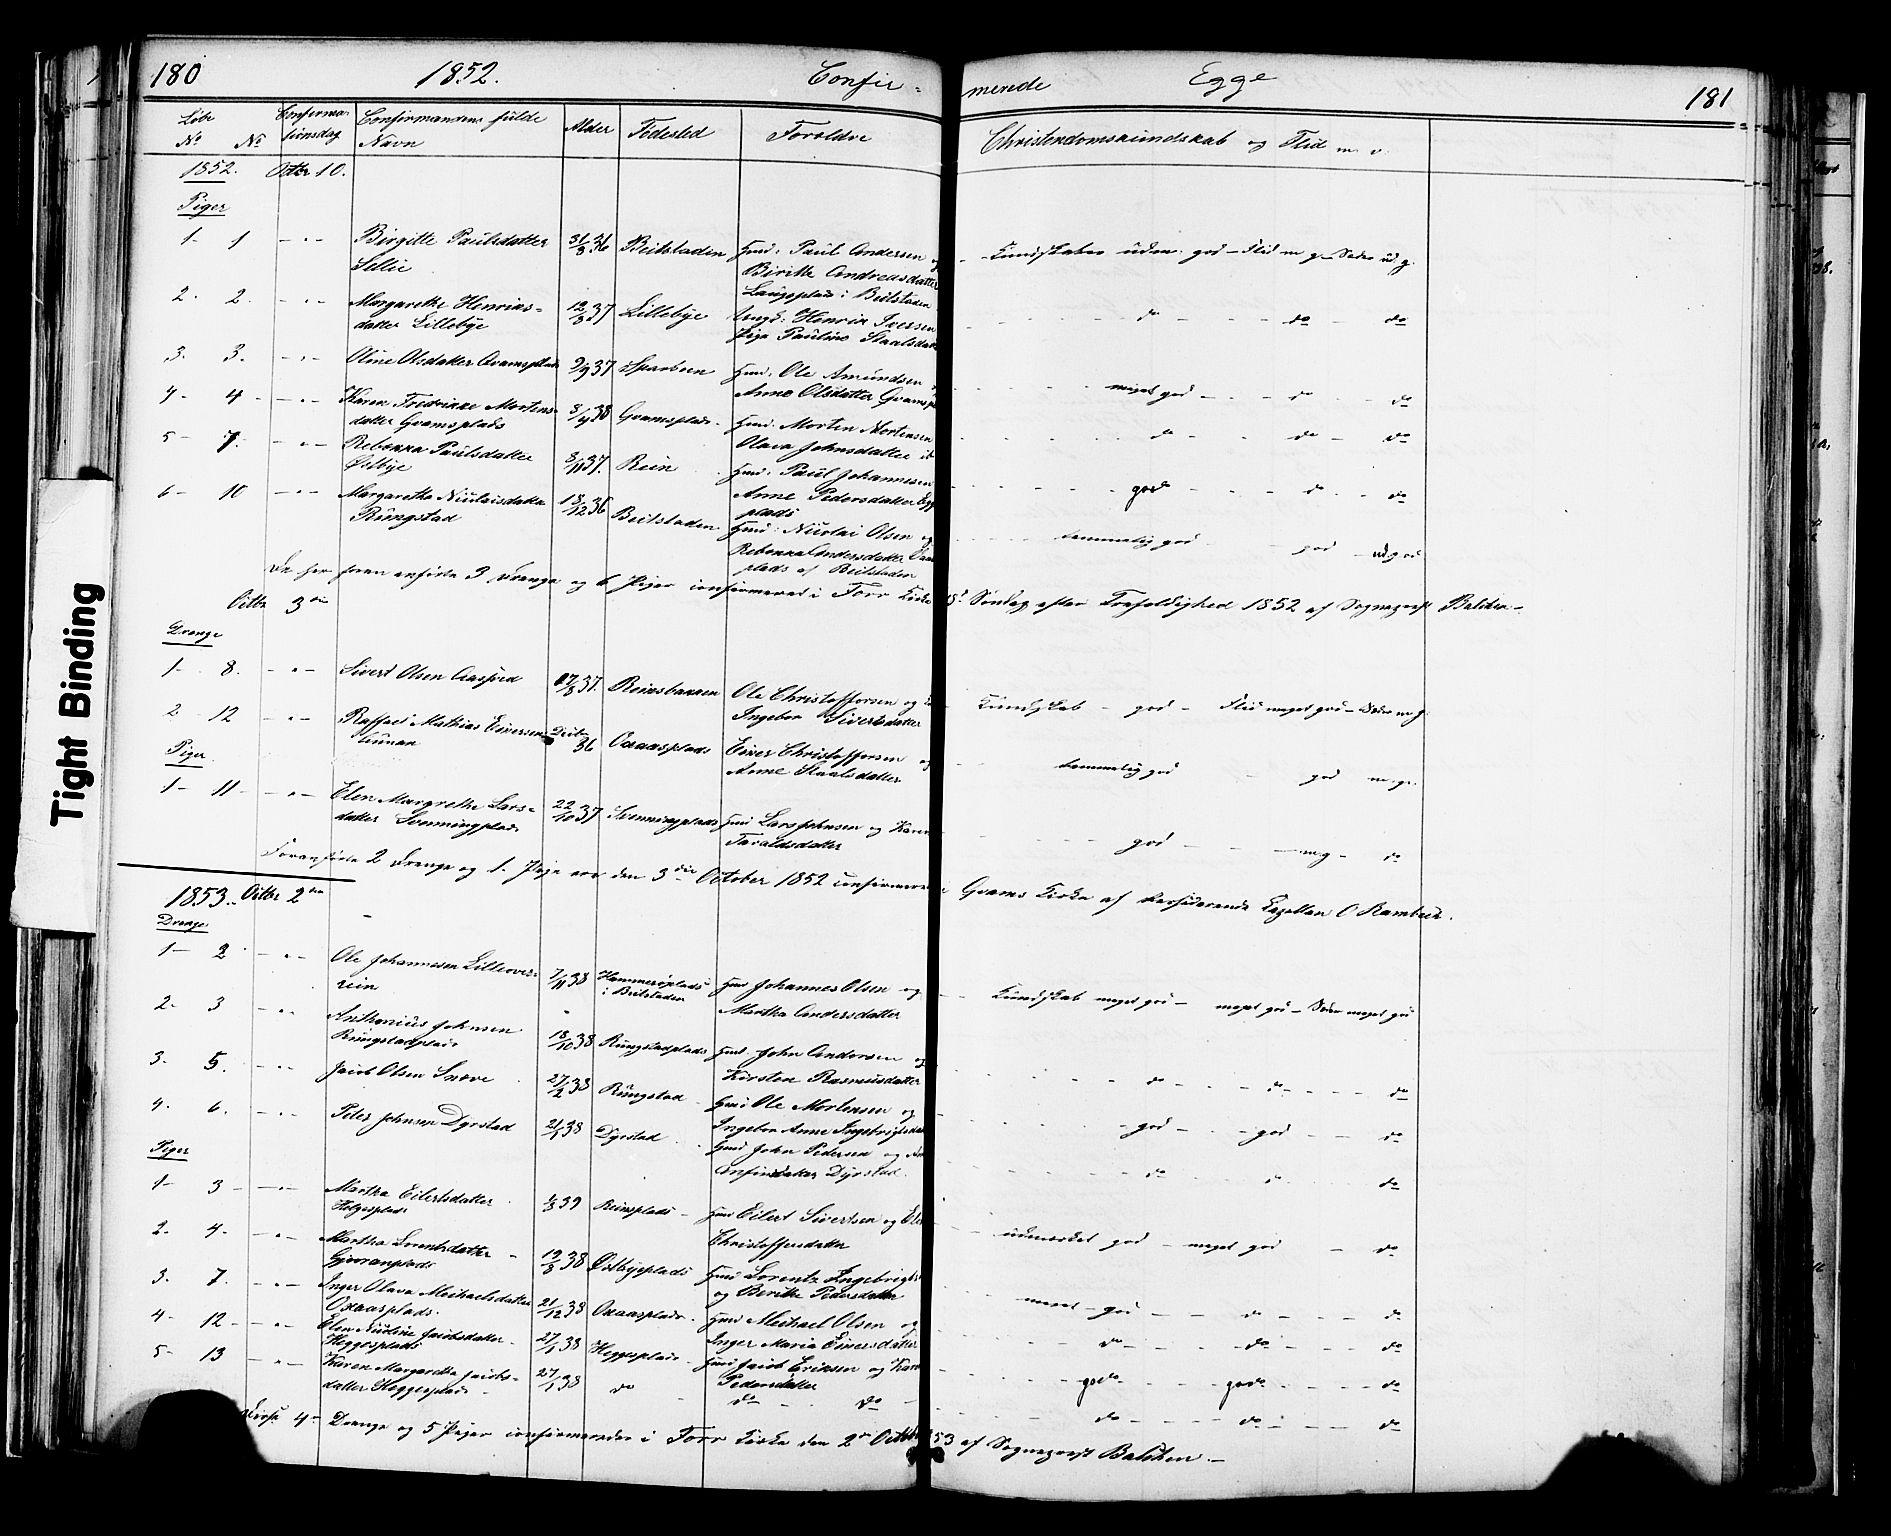 SAT, Ministerialprotokoller, klokkerbøker og fødselsregistre - Nord-Trøndelag, 739/L0367: Ministerialbok nr. 739A01 /3, 1838-1868, s. 180-181